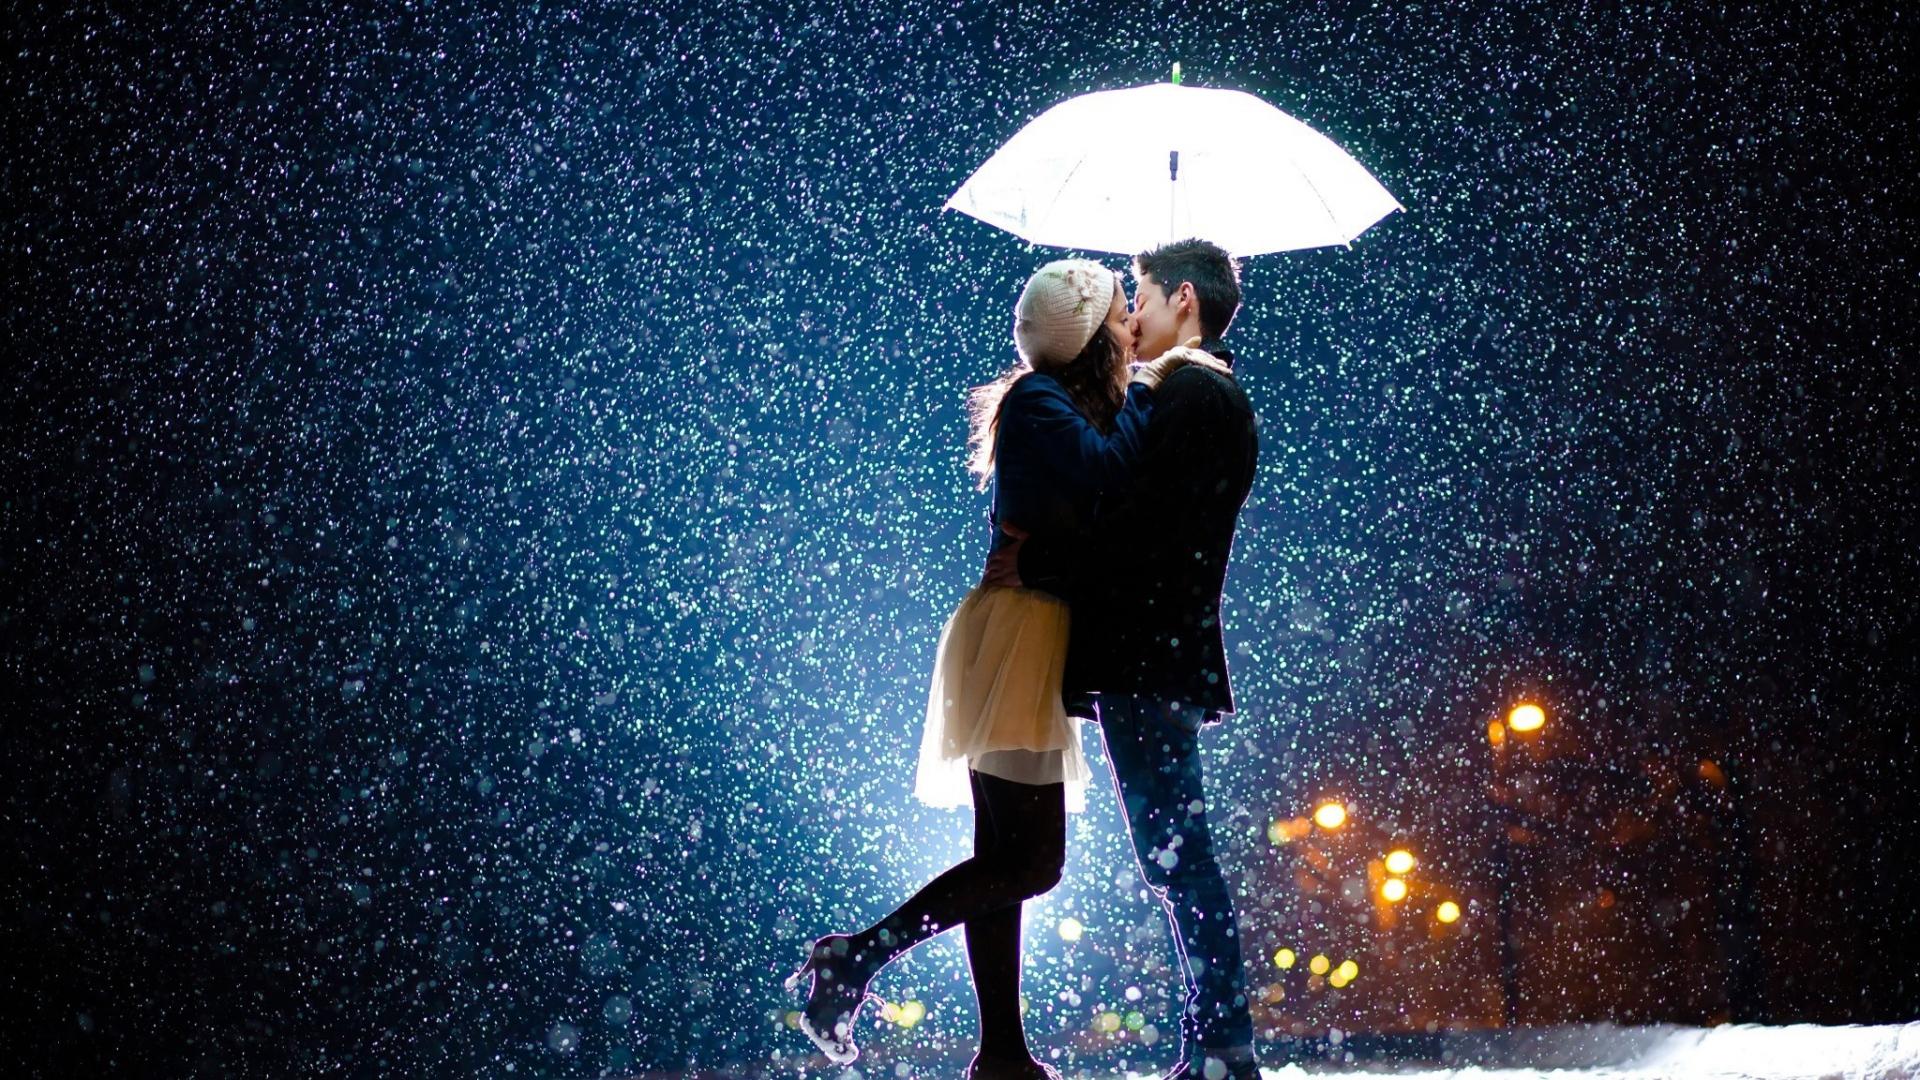 Download 1920x1080 HD Wallpaper umbrella snowfall kiss young 1920x1080